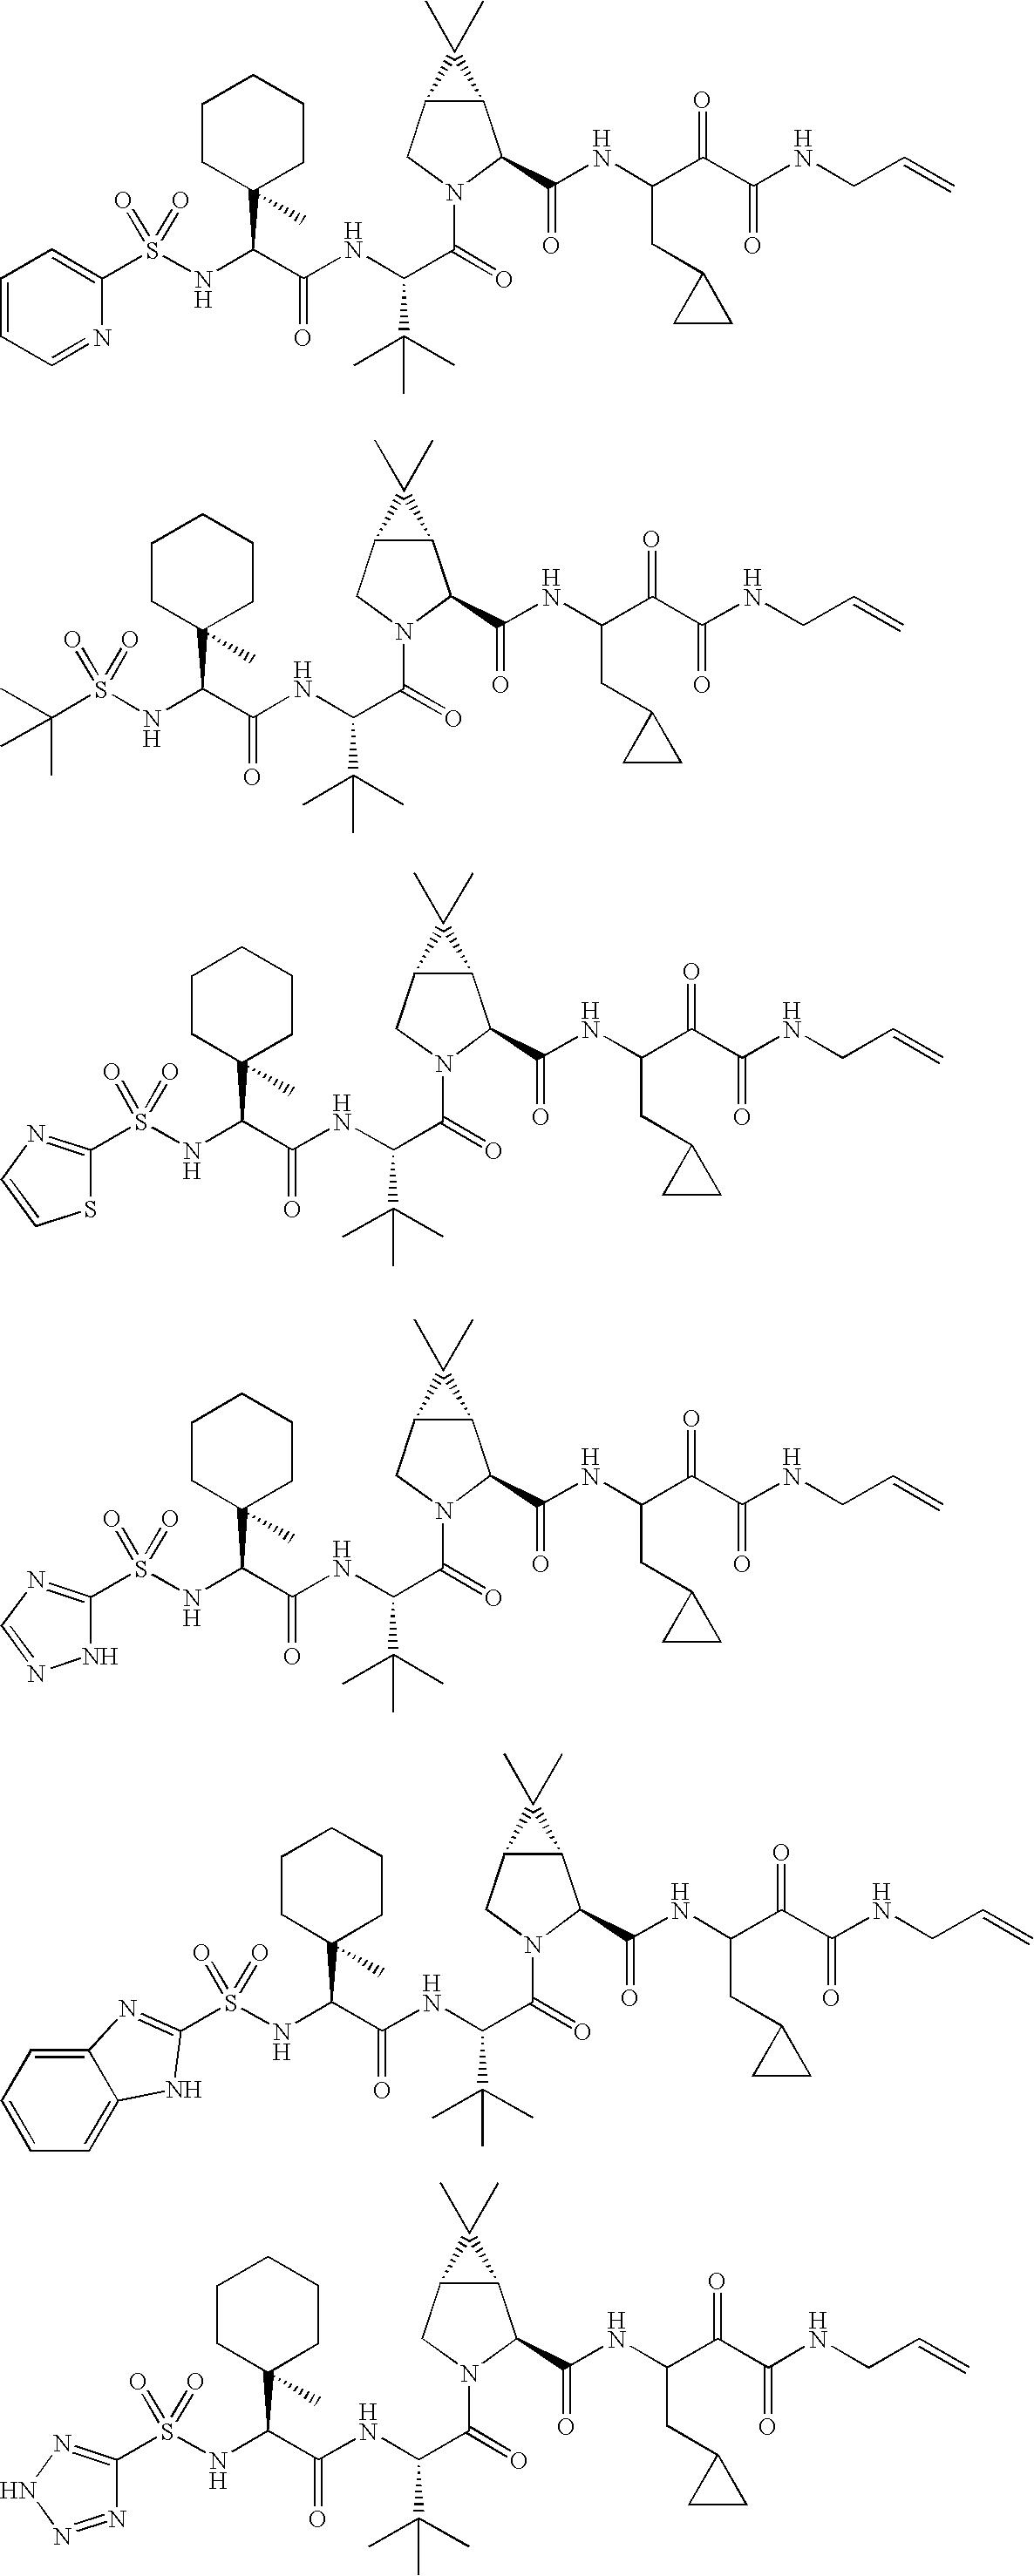 Figure US20060287248A1-20061221-C00493